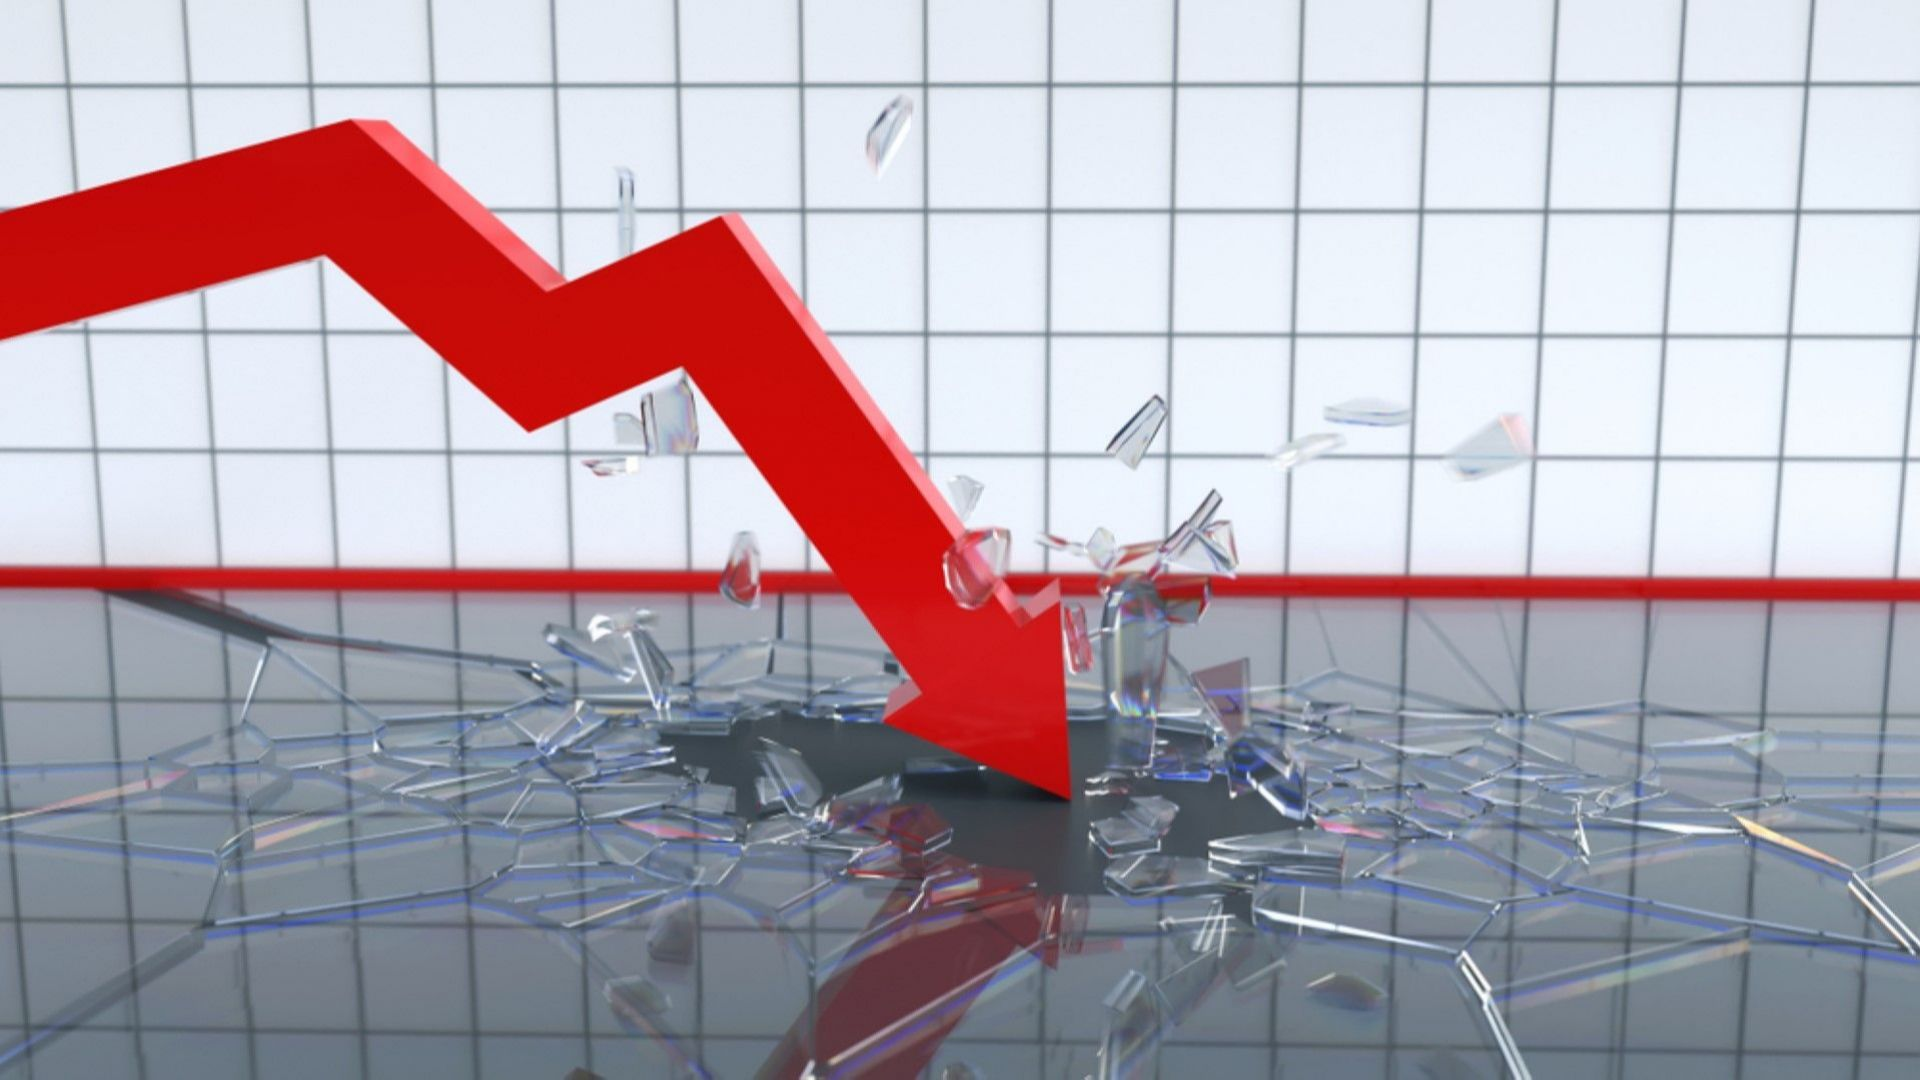 Десет години след Леман Брадърс: може ли либералната демокрация да преживее още една финансова криза?